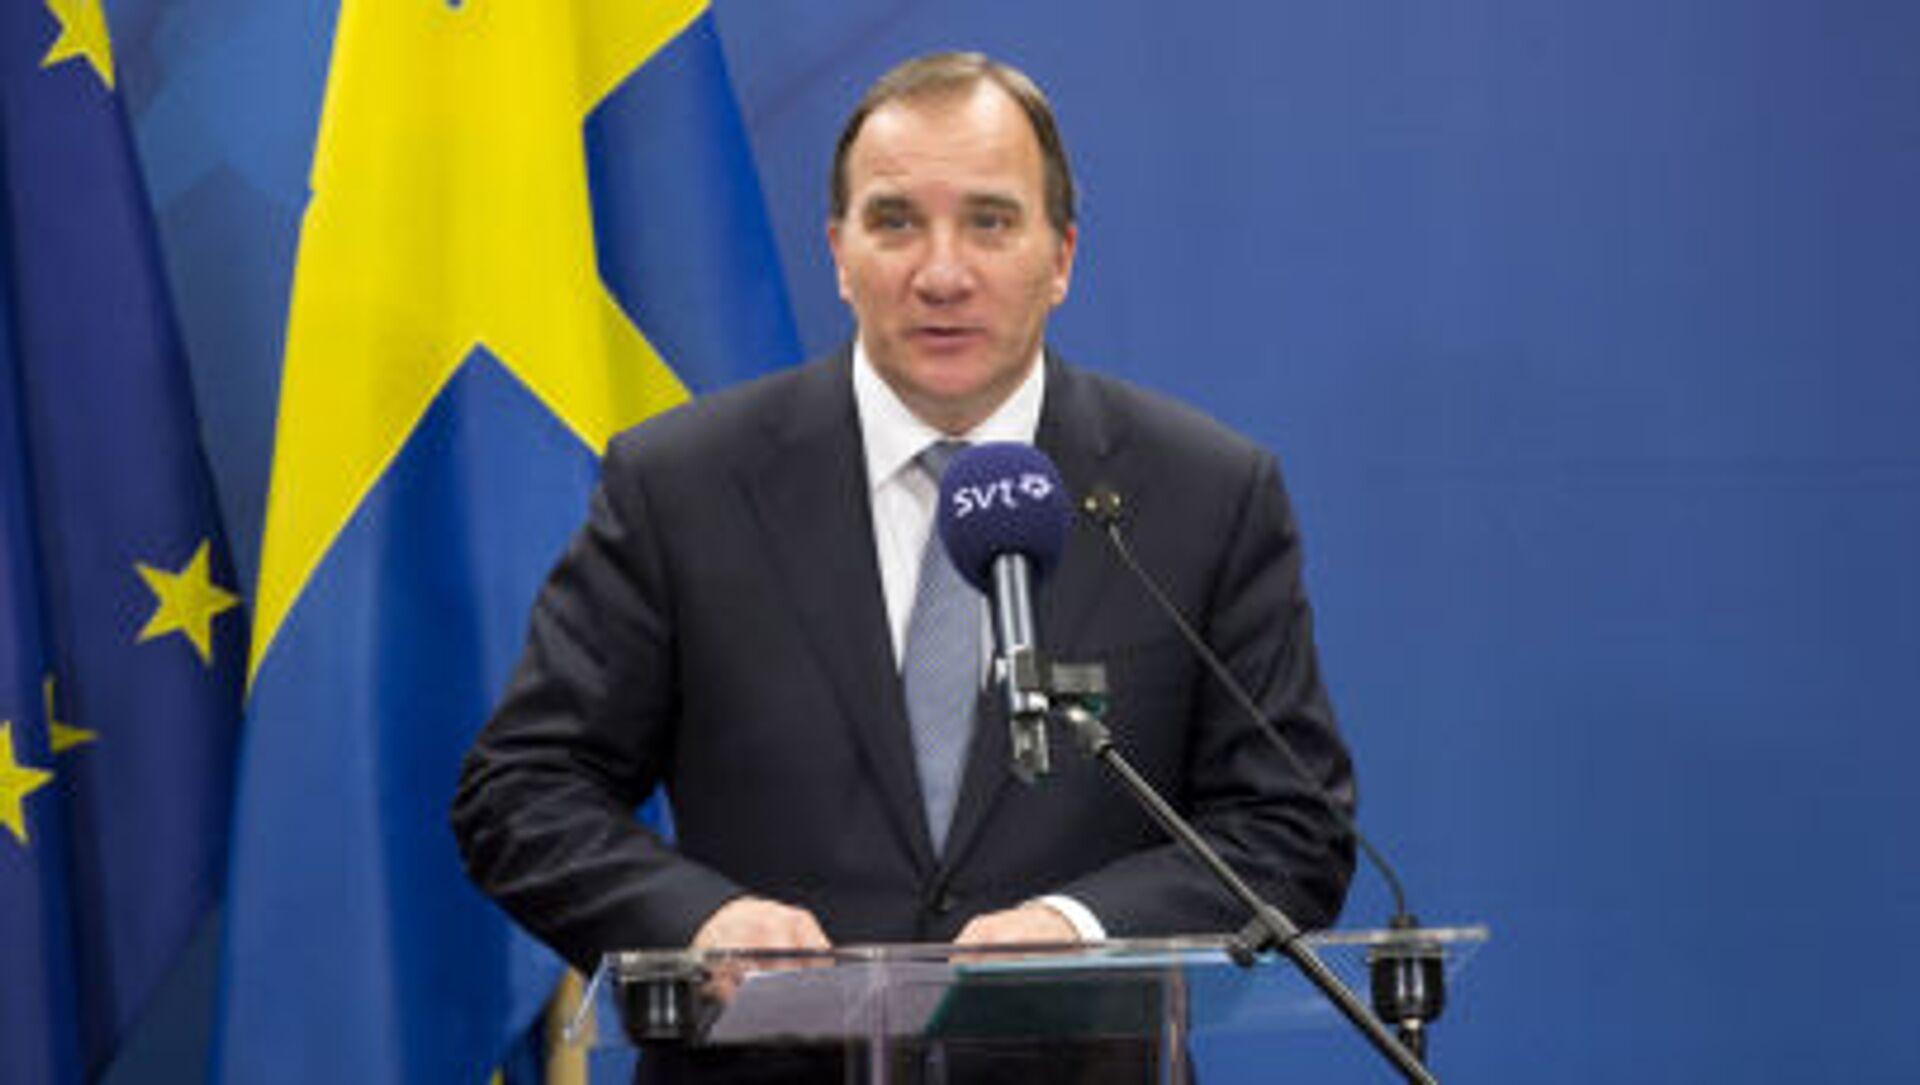 スウェーデン首相、辞任表明 - Sputnik 日本, 1920, 28.06.2021